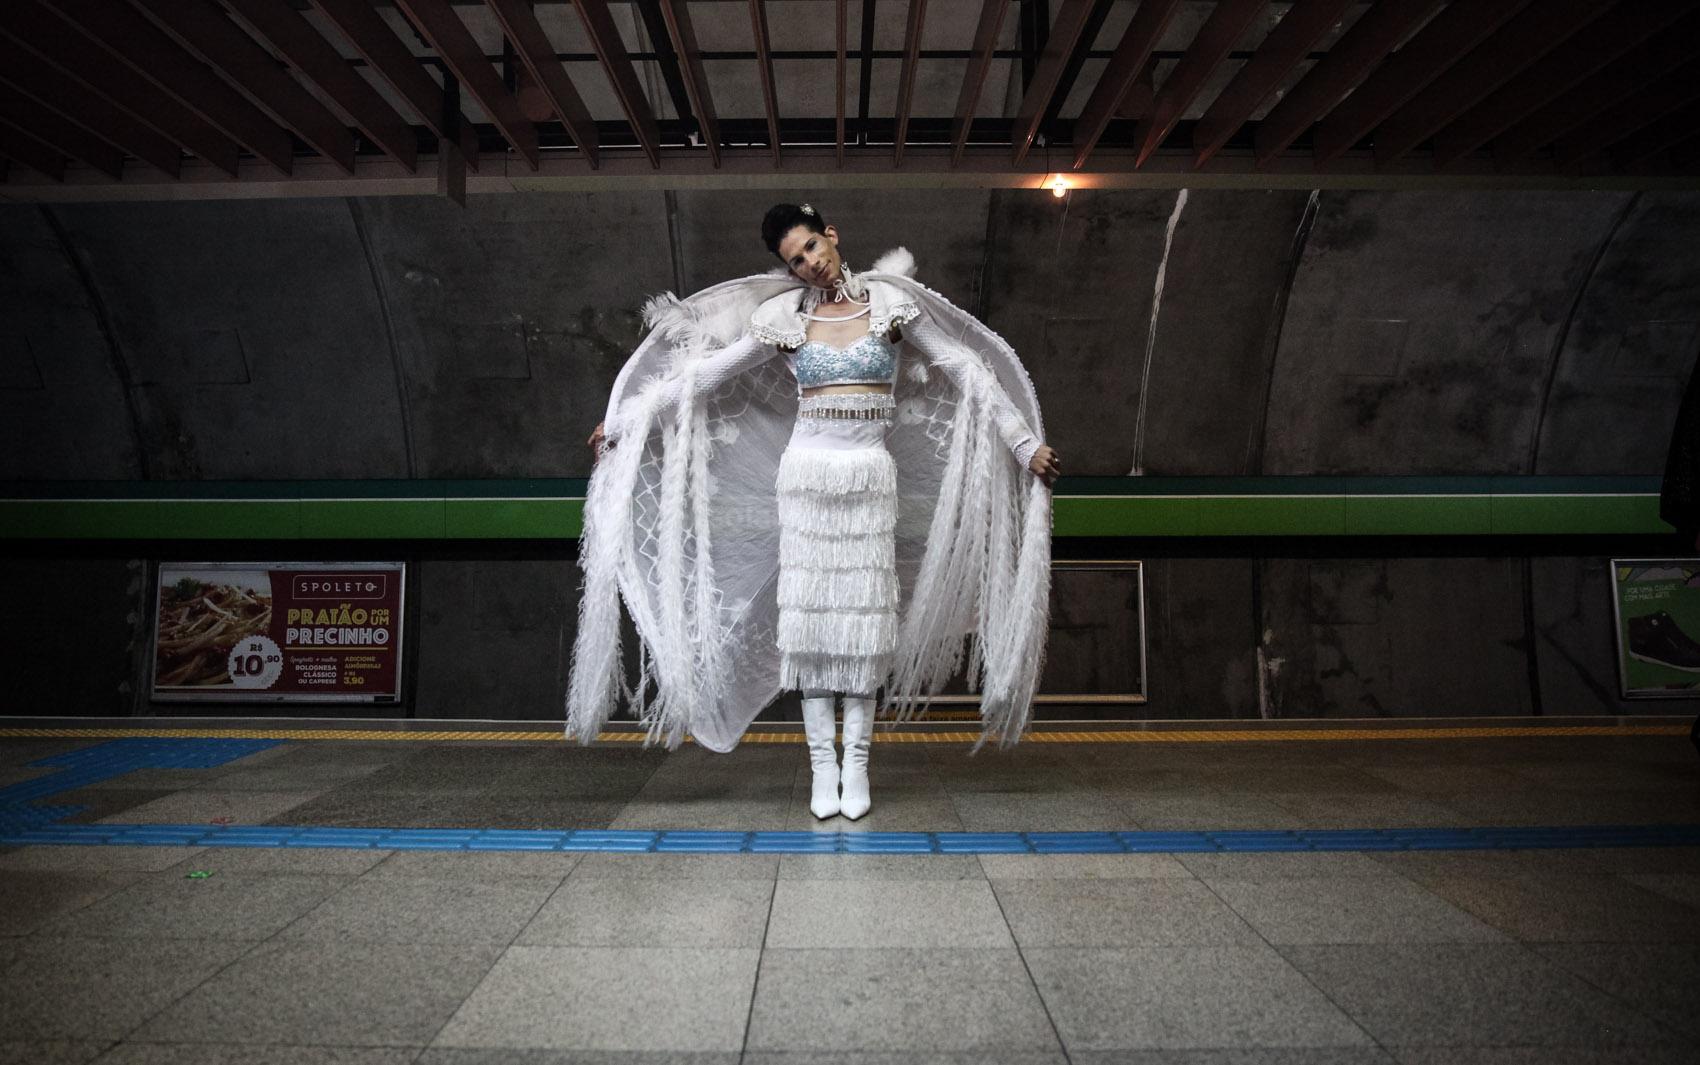 Participante da Parada Gay posa para foto na estação Consolação da linha 2-Verde. O G1 percorreu linhas do Metrô de São Paulo e registrou cenas curiosas durante a realização da 19ª Parada do Orgulho LGBT